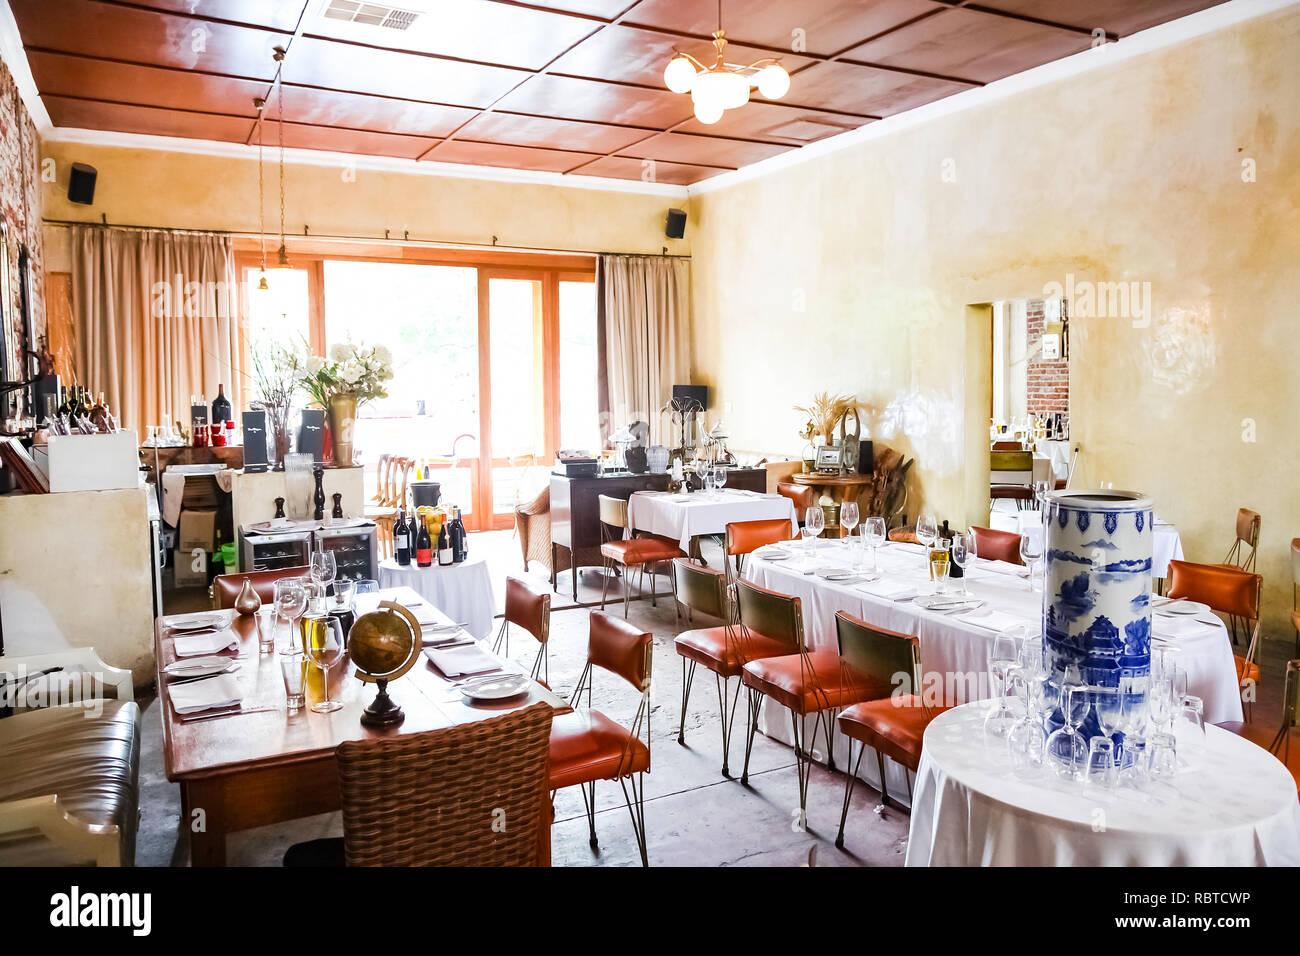 Johannesburg, South Africa - February 21 2011: Interior of Retro ...